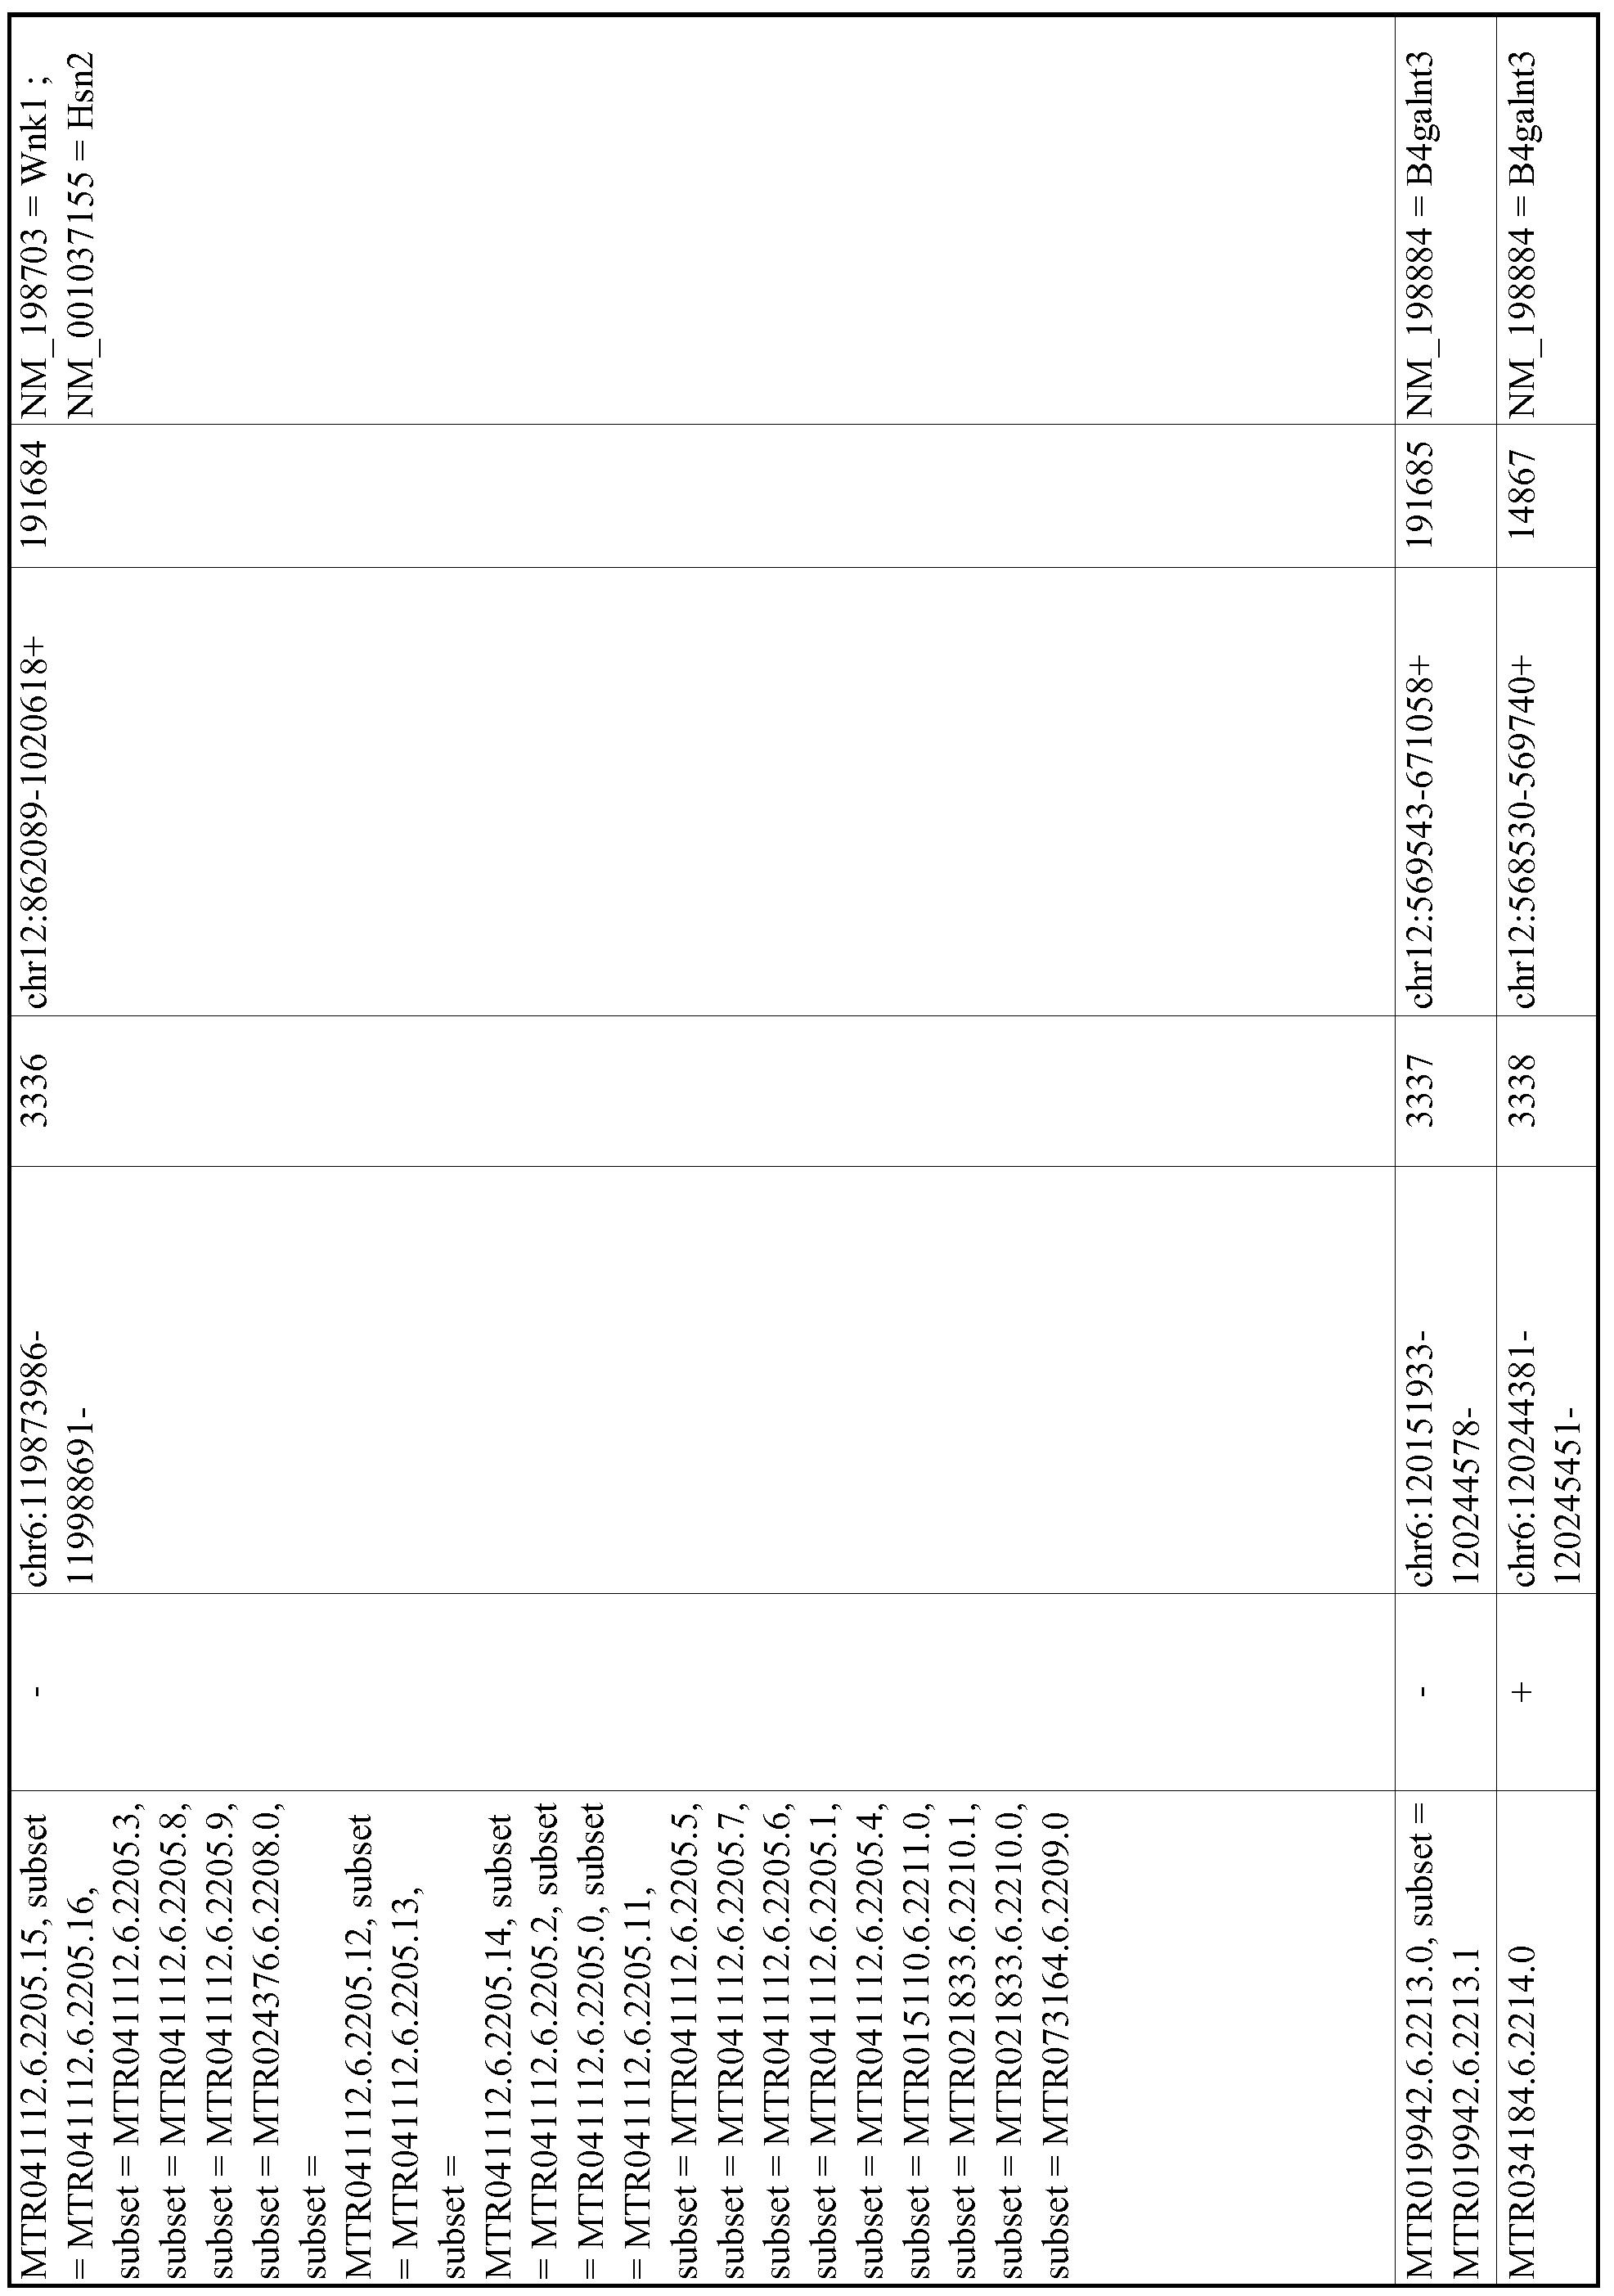 Figure imgf000661_0001